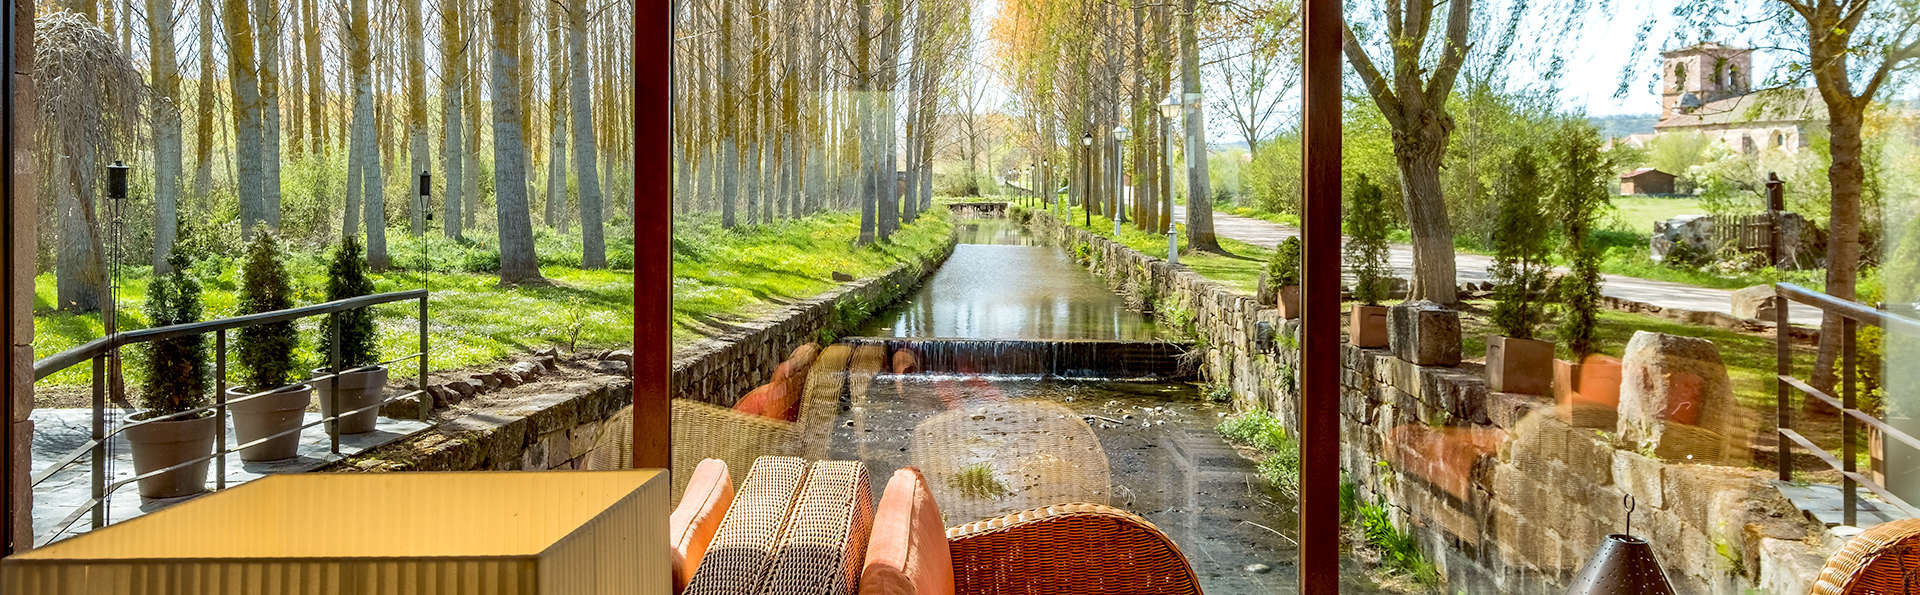 Escapada romántica en el mejor paraje natural en Palencia